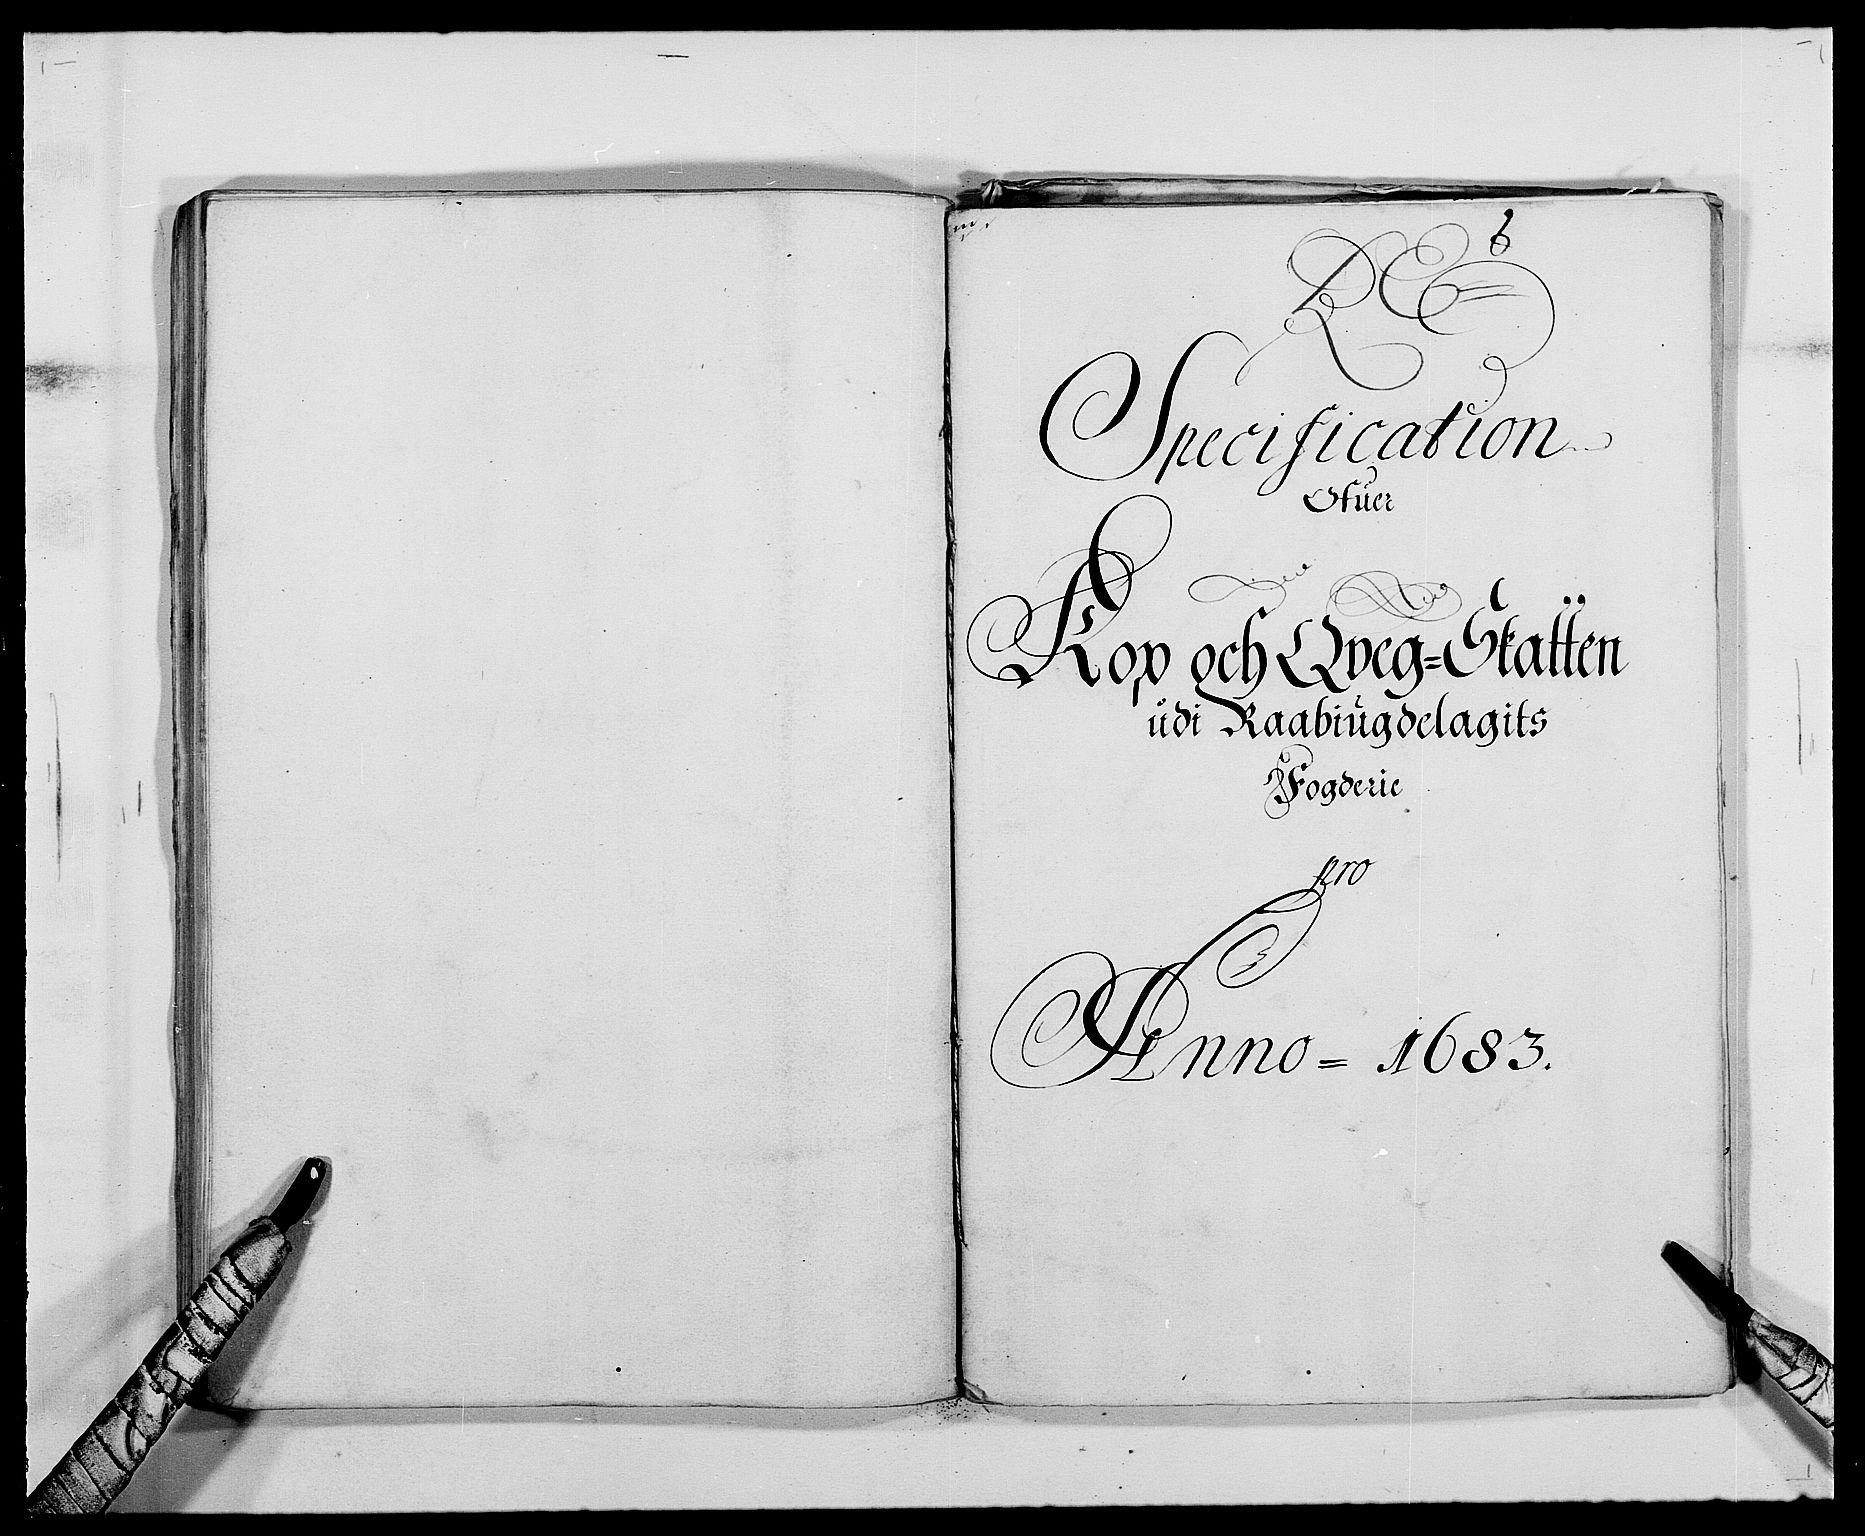 RA, Rentekammeret inntil 1814, Reviderte regnskaper, Fogderegnskap, R40/L2438: Fogderegnskap Råbyggelag, 1682-1683, s. 326